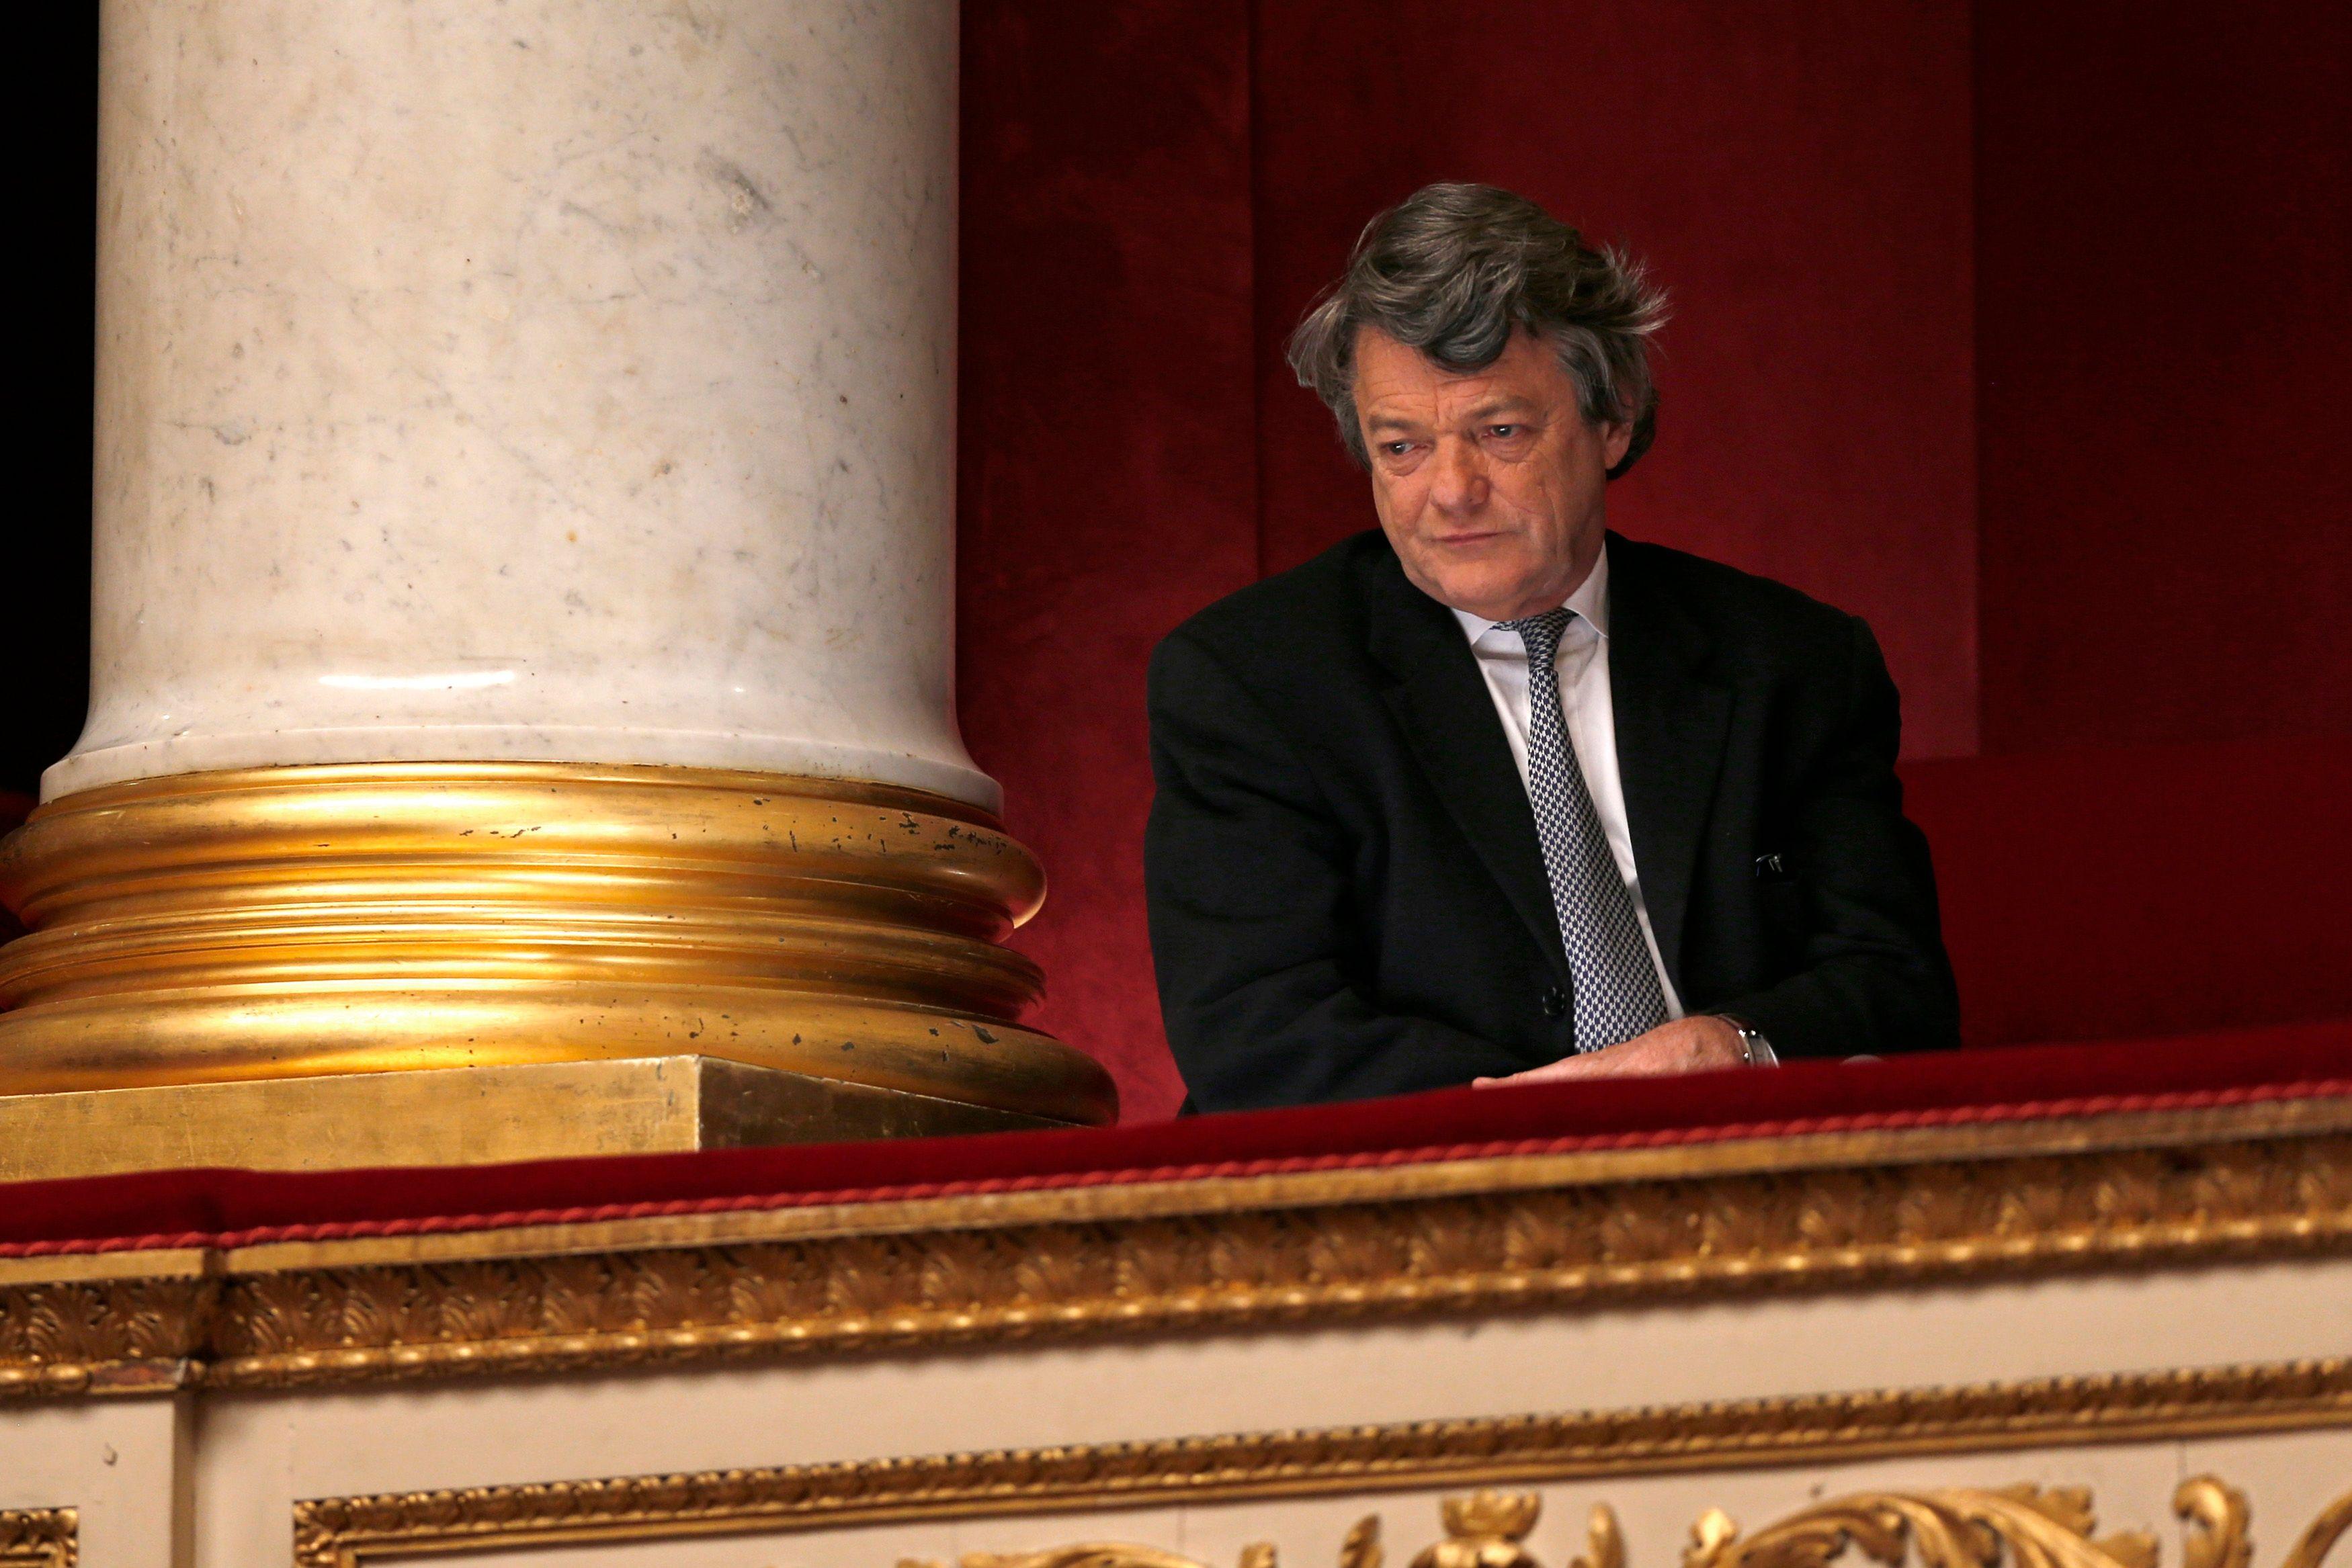 Jean-Louis Borloo a laissé entendre à ses troupes qu'il pourrait être candidat lors de la prochaine élection présidentielle.